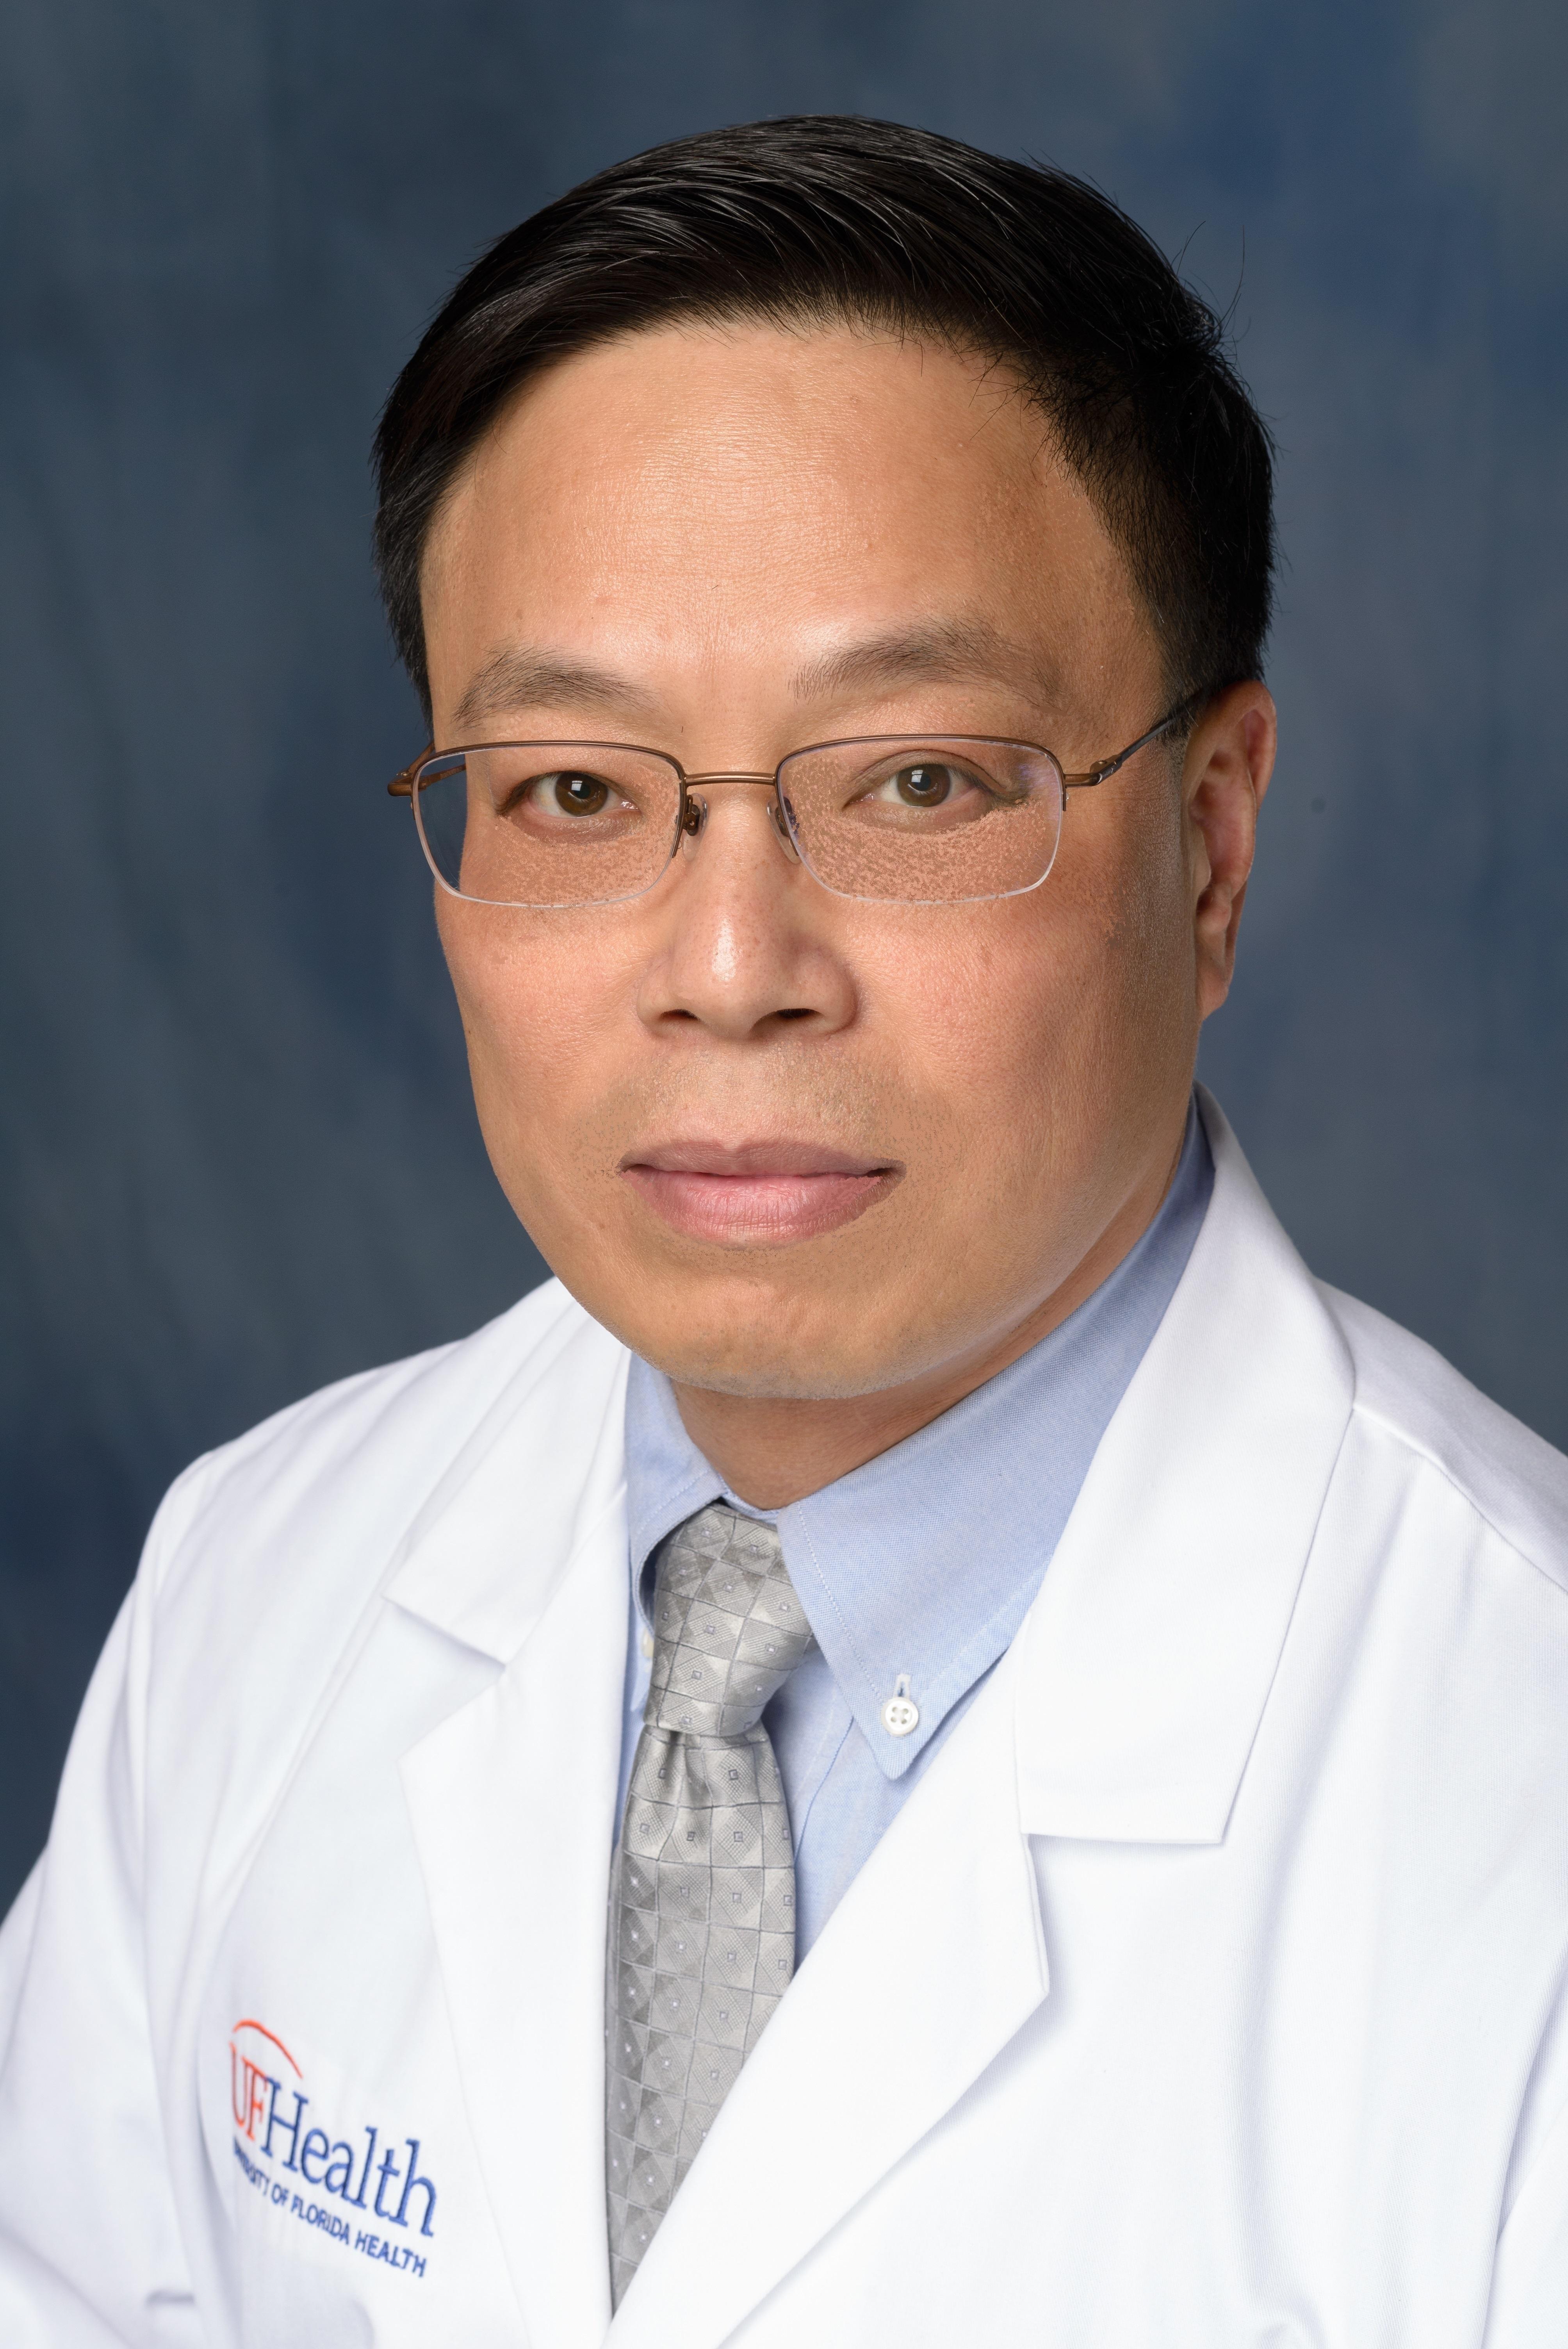 Dr. Xu Zeng, M.D., Ph.D.